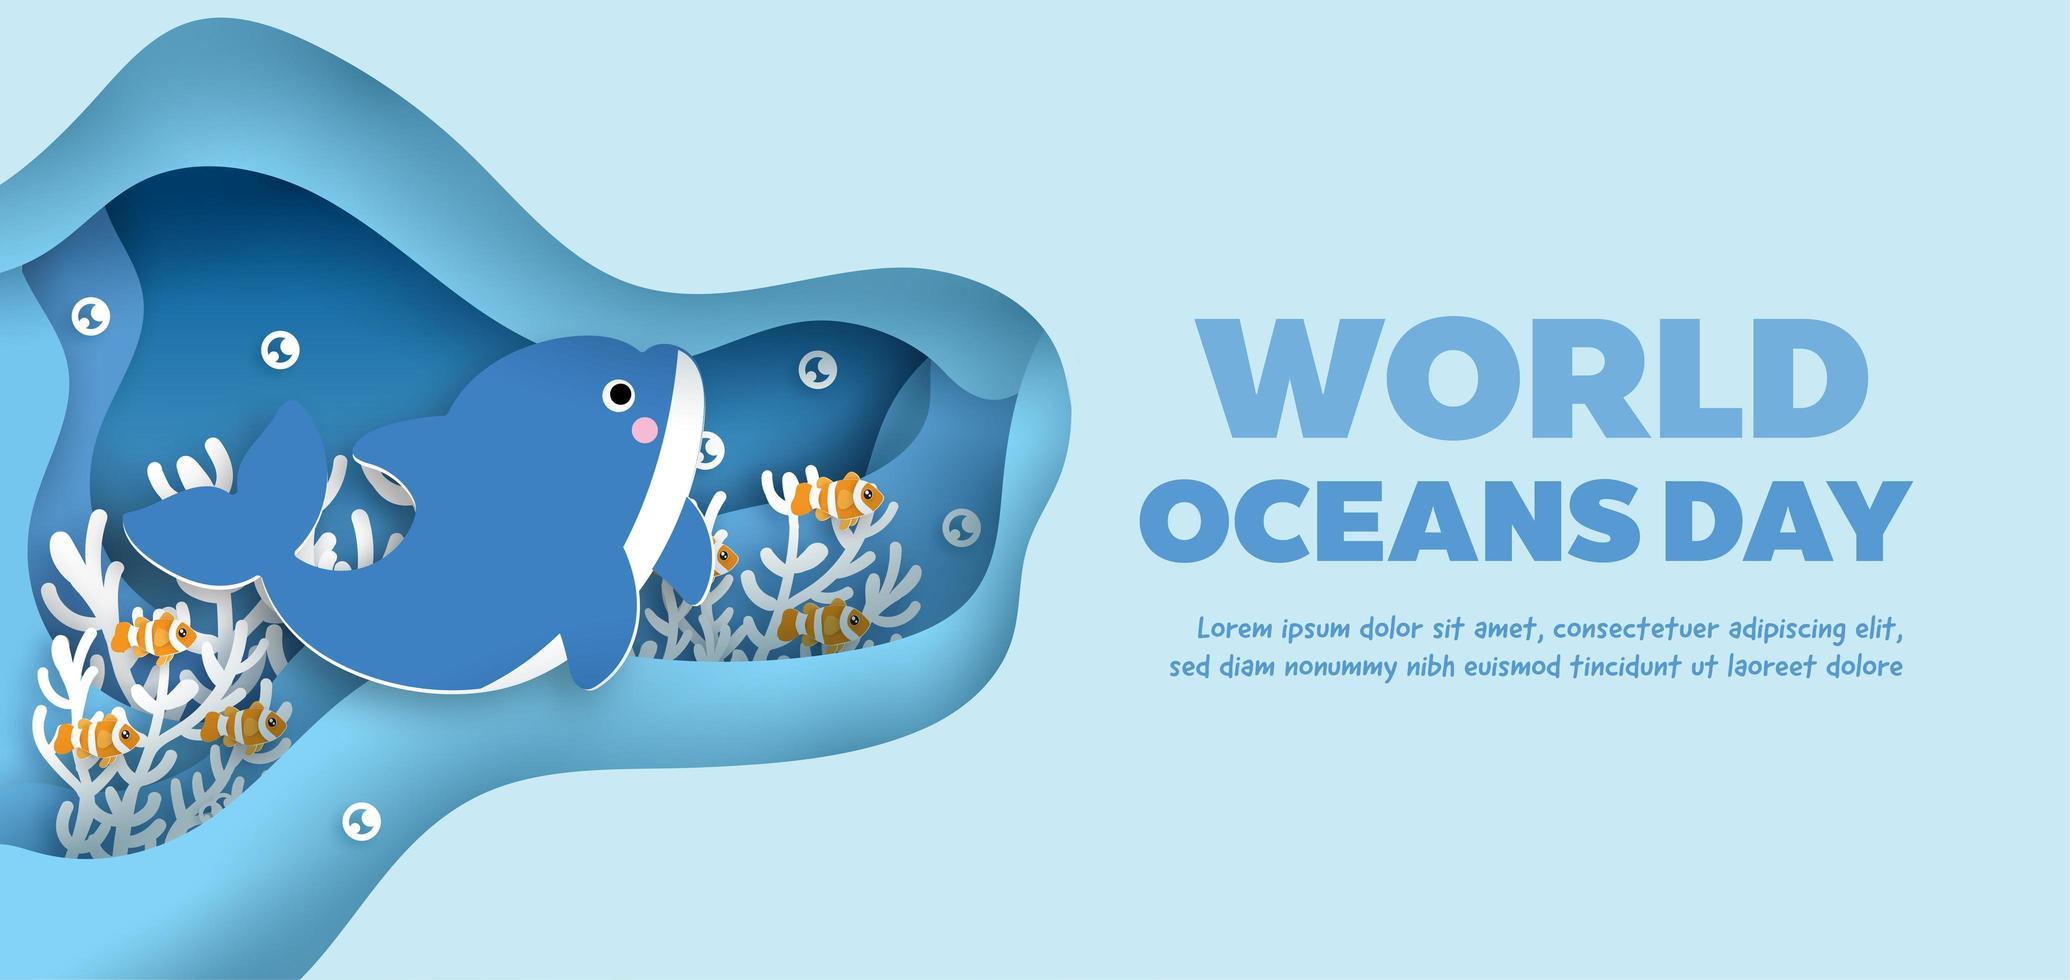 banner giornata mondiale degli oceani con delfino sott'acqua vettore